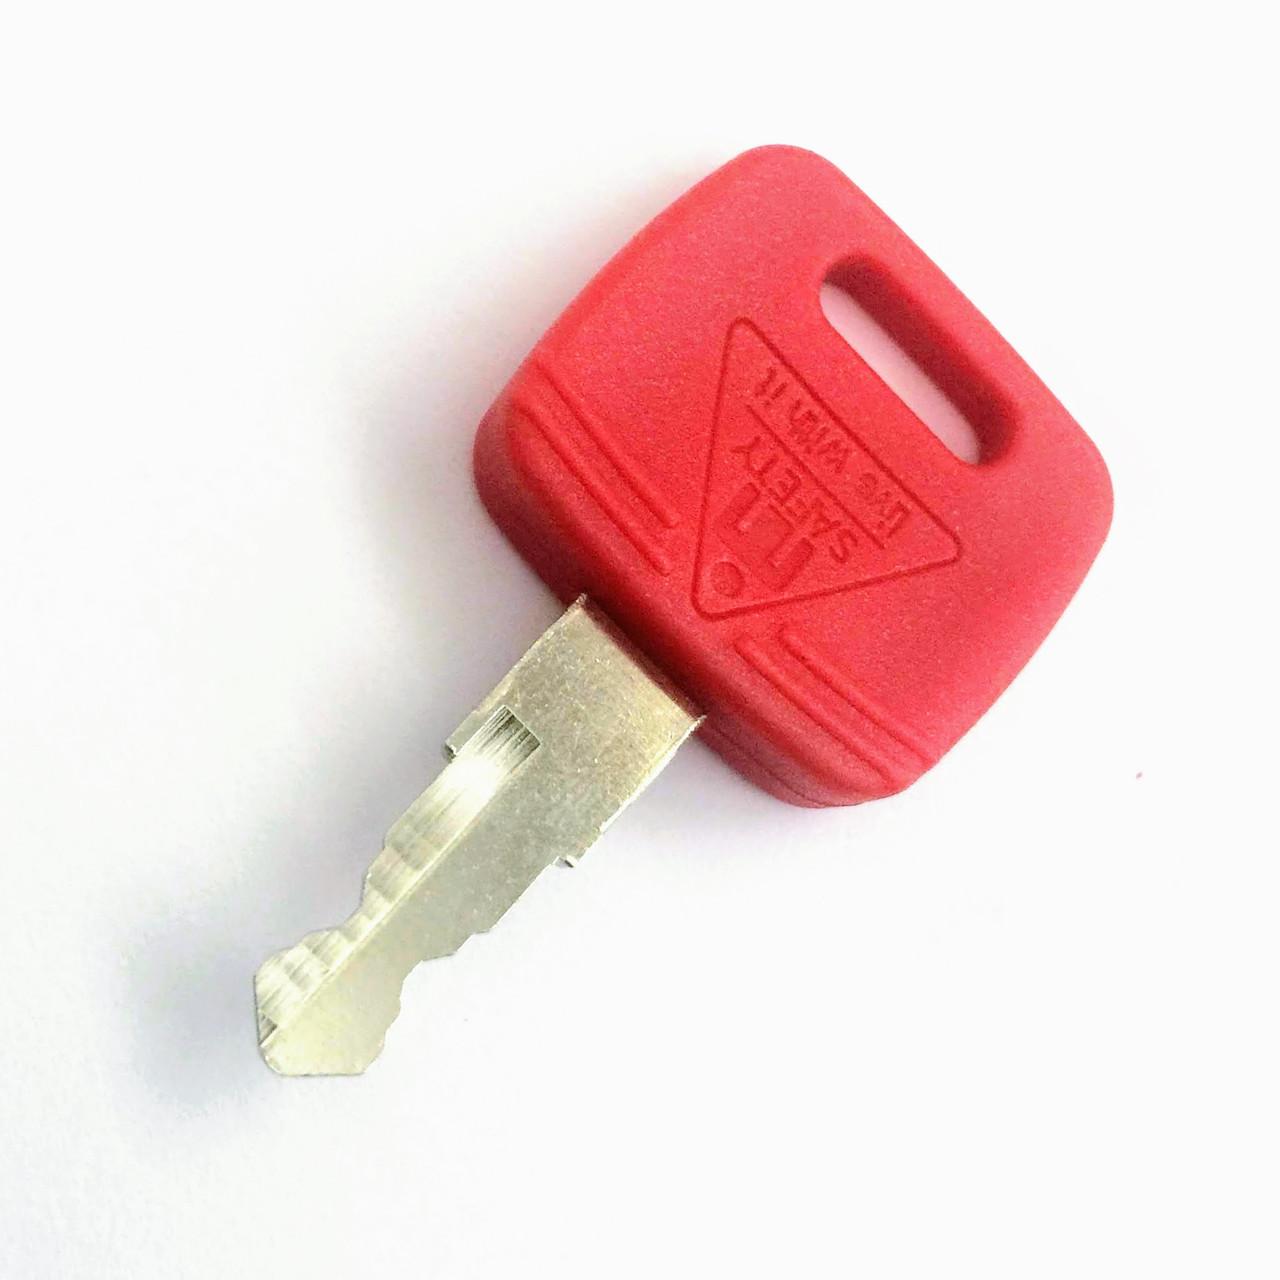 John Deere RE183935 Key